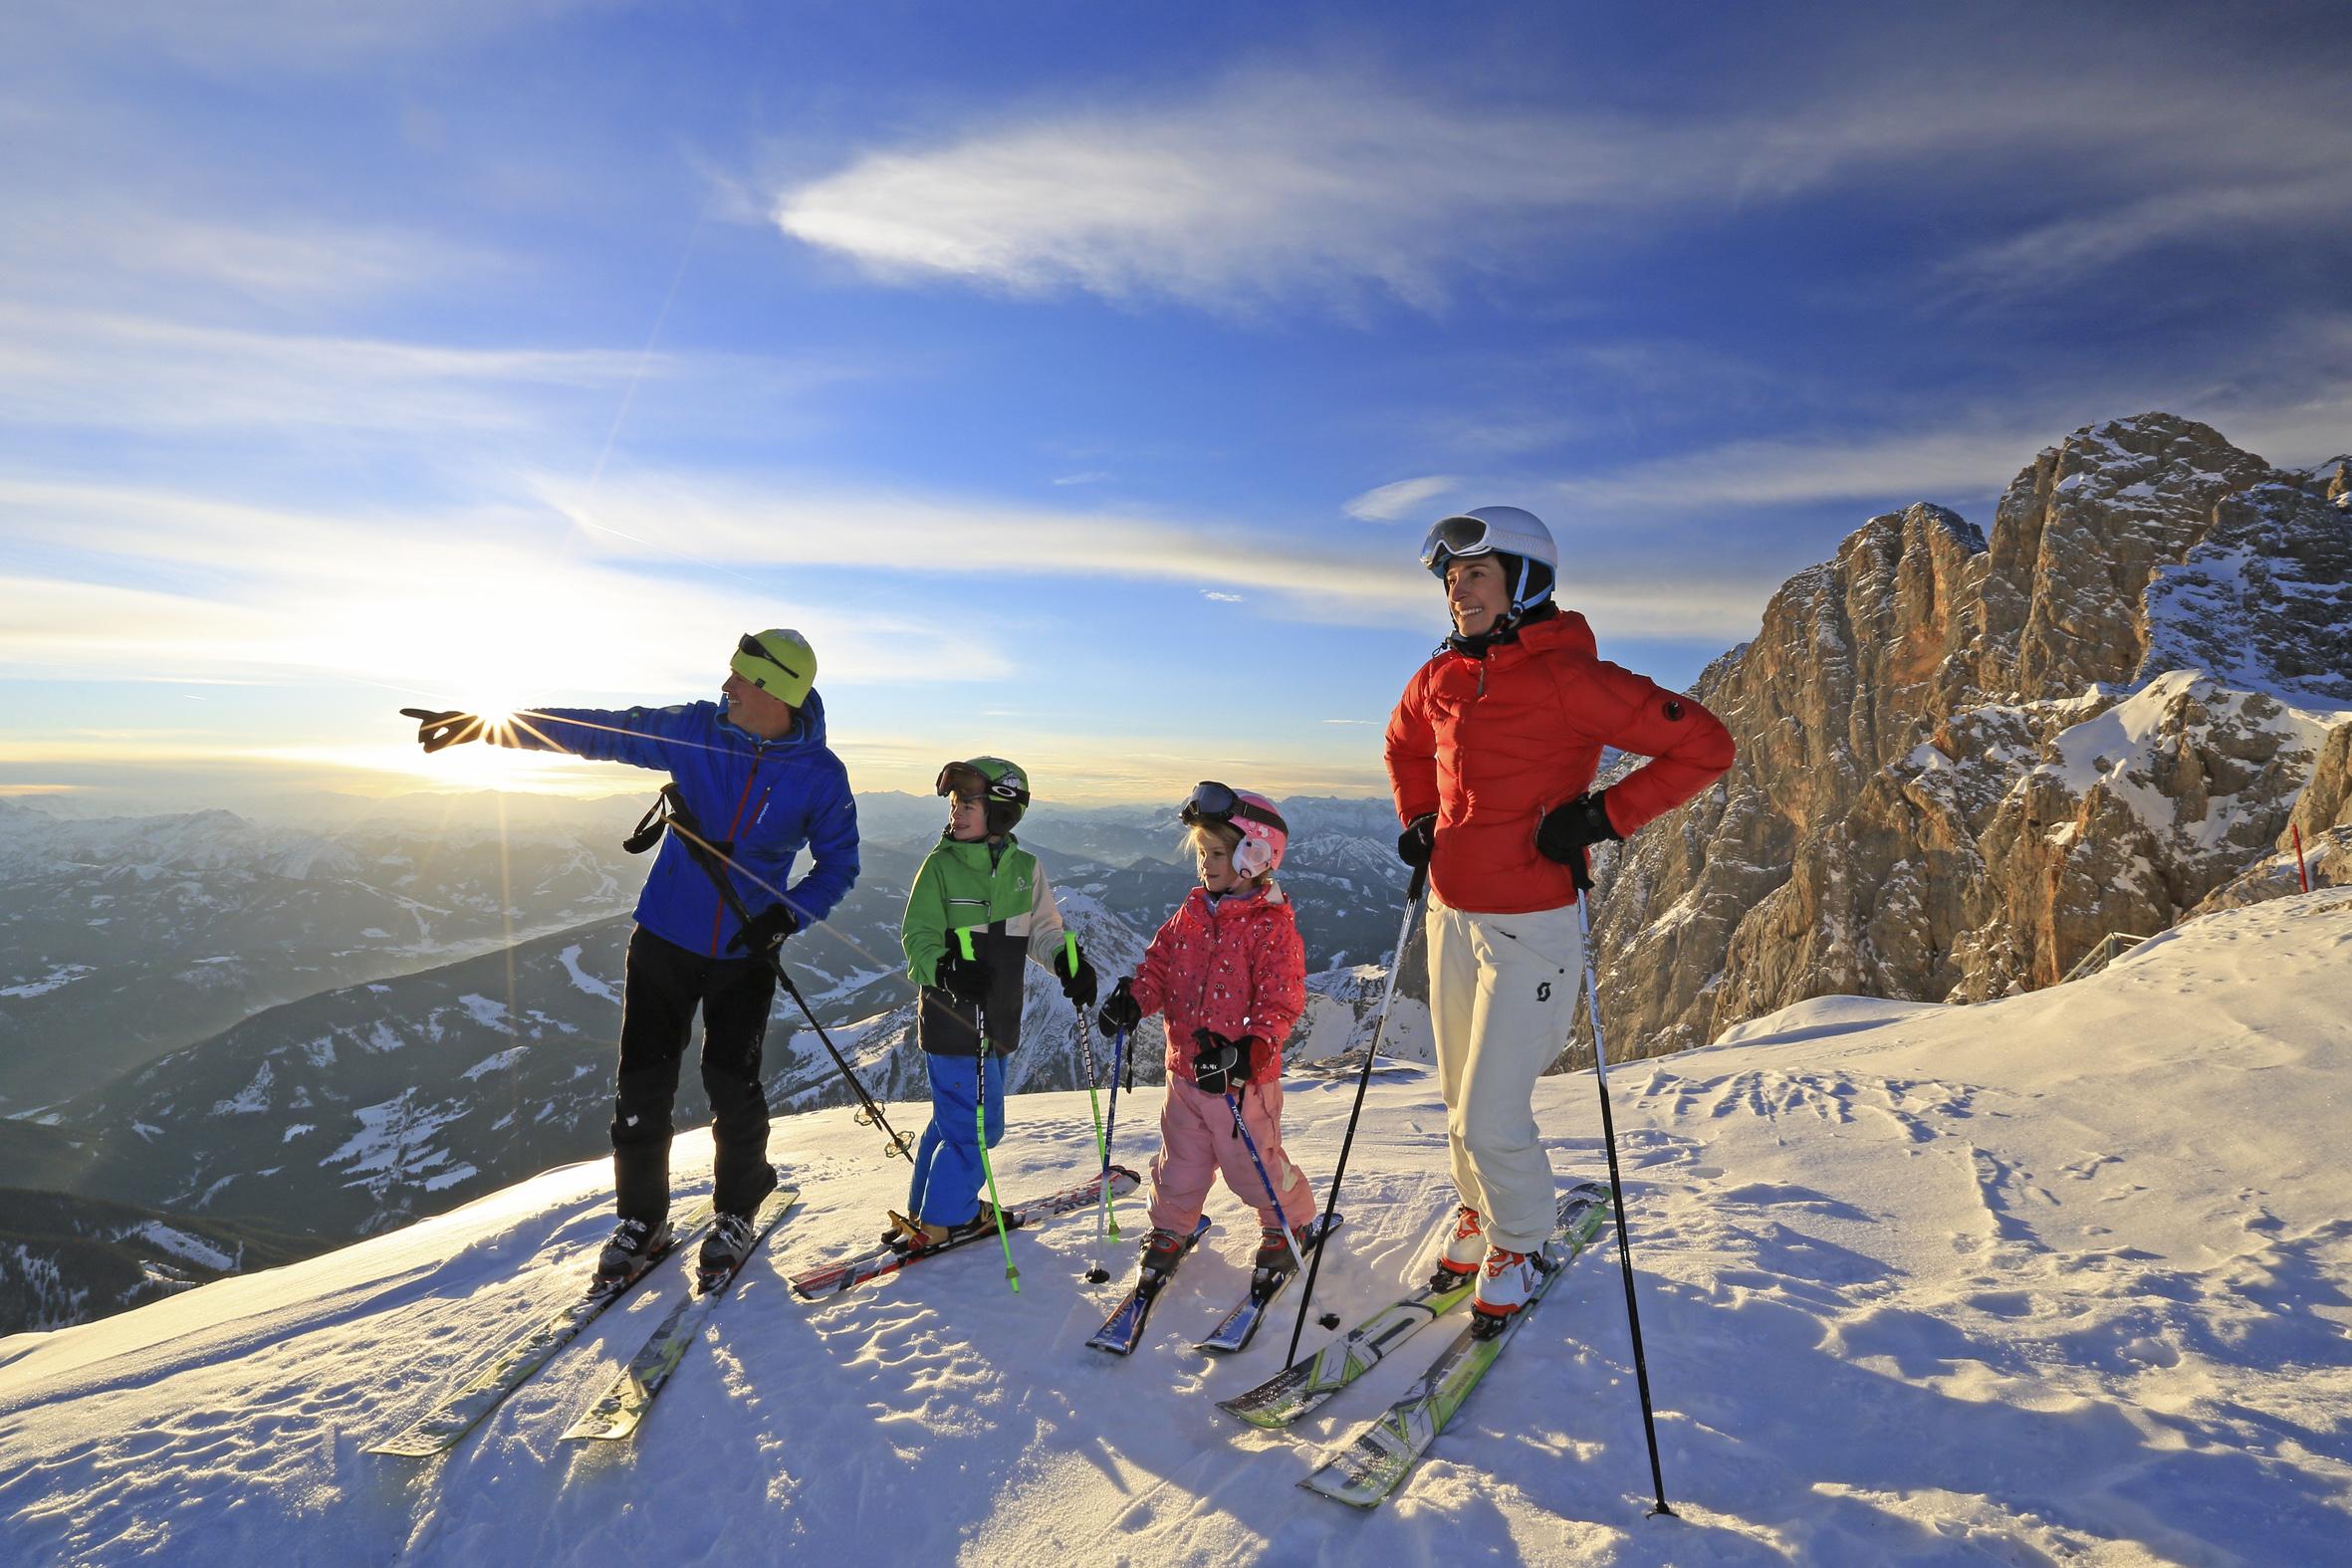 Østrig er en af danskernes favoritdestinationer, sommer og navnlig vinter. Østrig har i øjeblikket for høje smittetal. Arkivpressefoto via Østrigs Turistbureau, Herbert Raffalt.